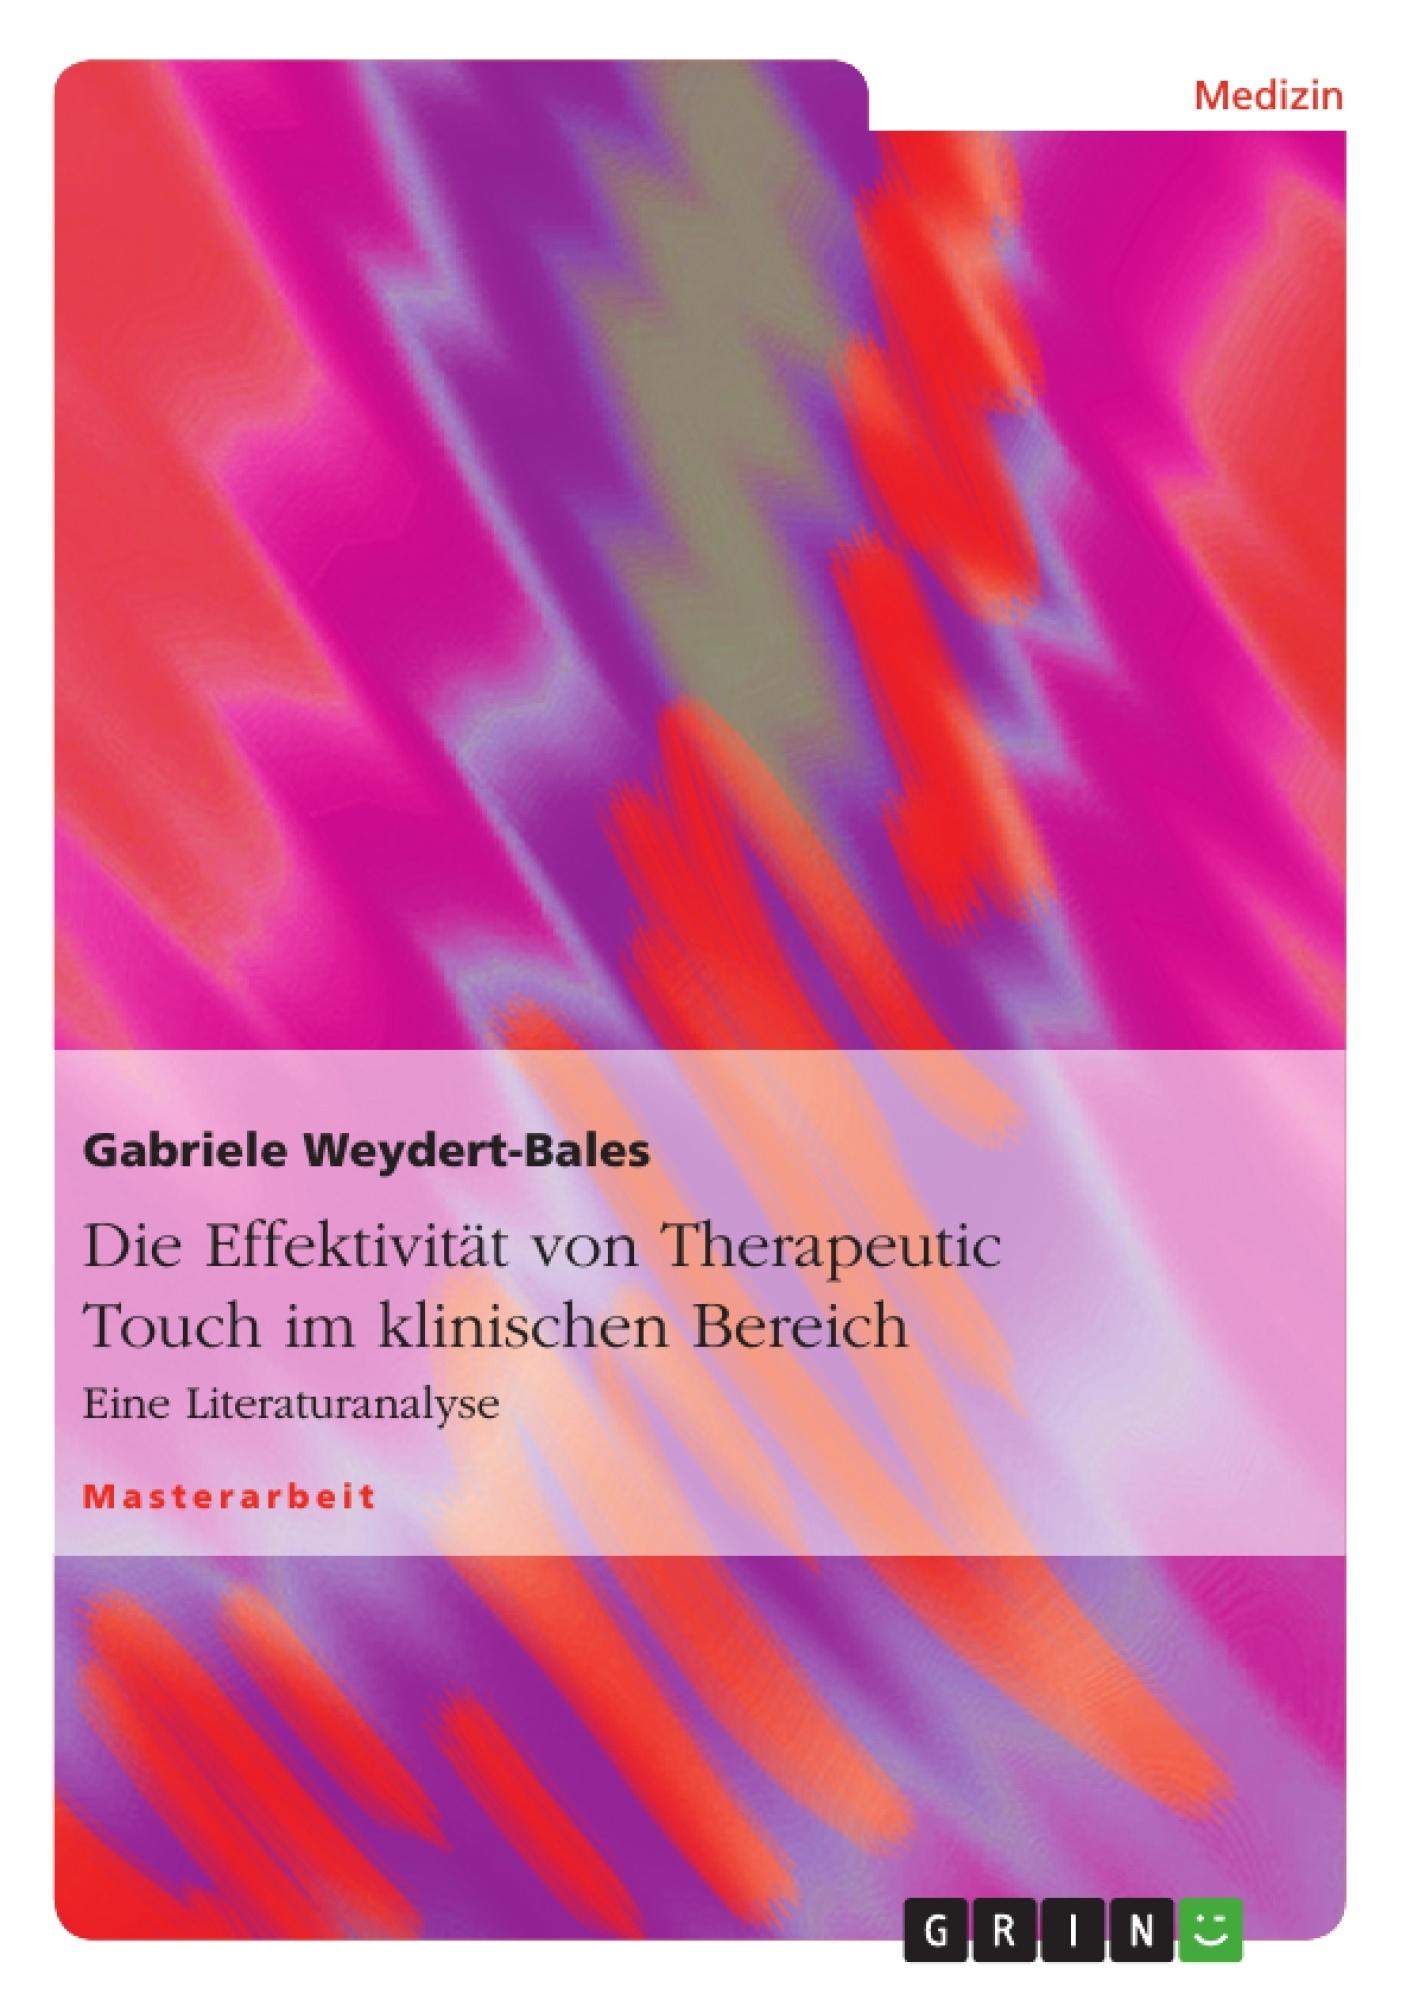 Titel: Die Effektivität von Therapeutic Touch im klinischen Bereich